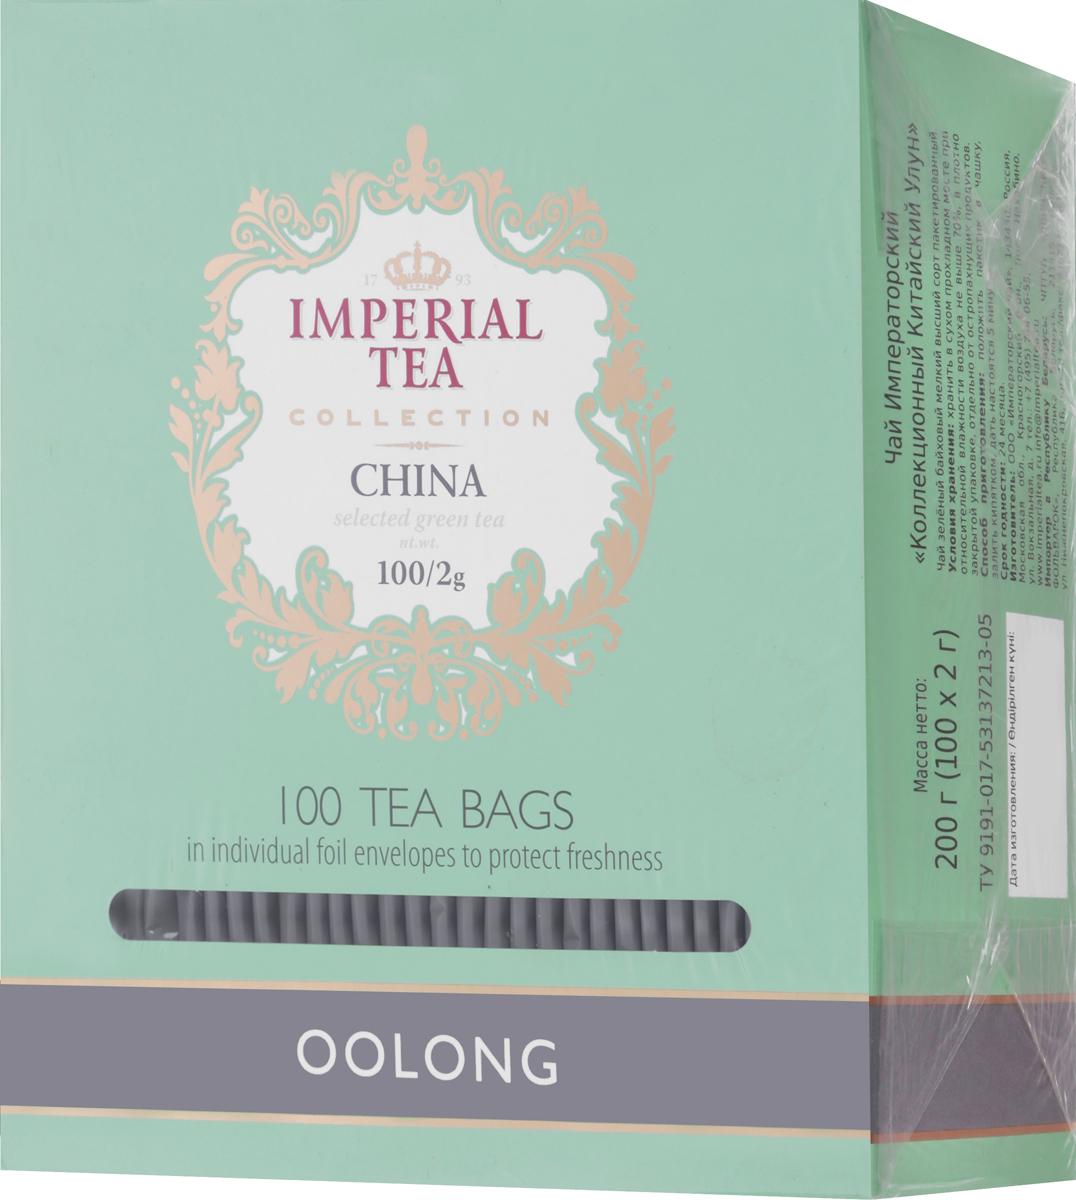 Императорский чай Collection Улун, 100 шт50-266Необыкновенный чай Улун сочетает в себе свежесть и чистоту зеленого чая, насыщенность и сладость красного чая и душистый аромат цветочного чая. Словно все драгоценности оказались в одной шкатулке. Благодаря этому изумительному сочетанию этот чай и называют Императором чайного мира.